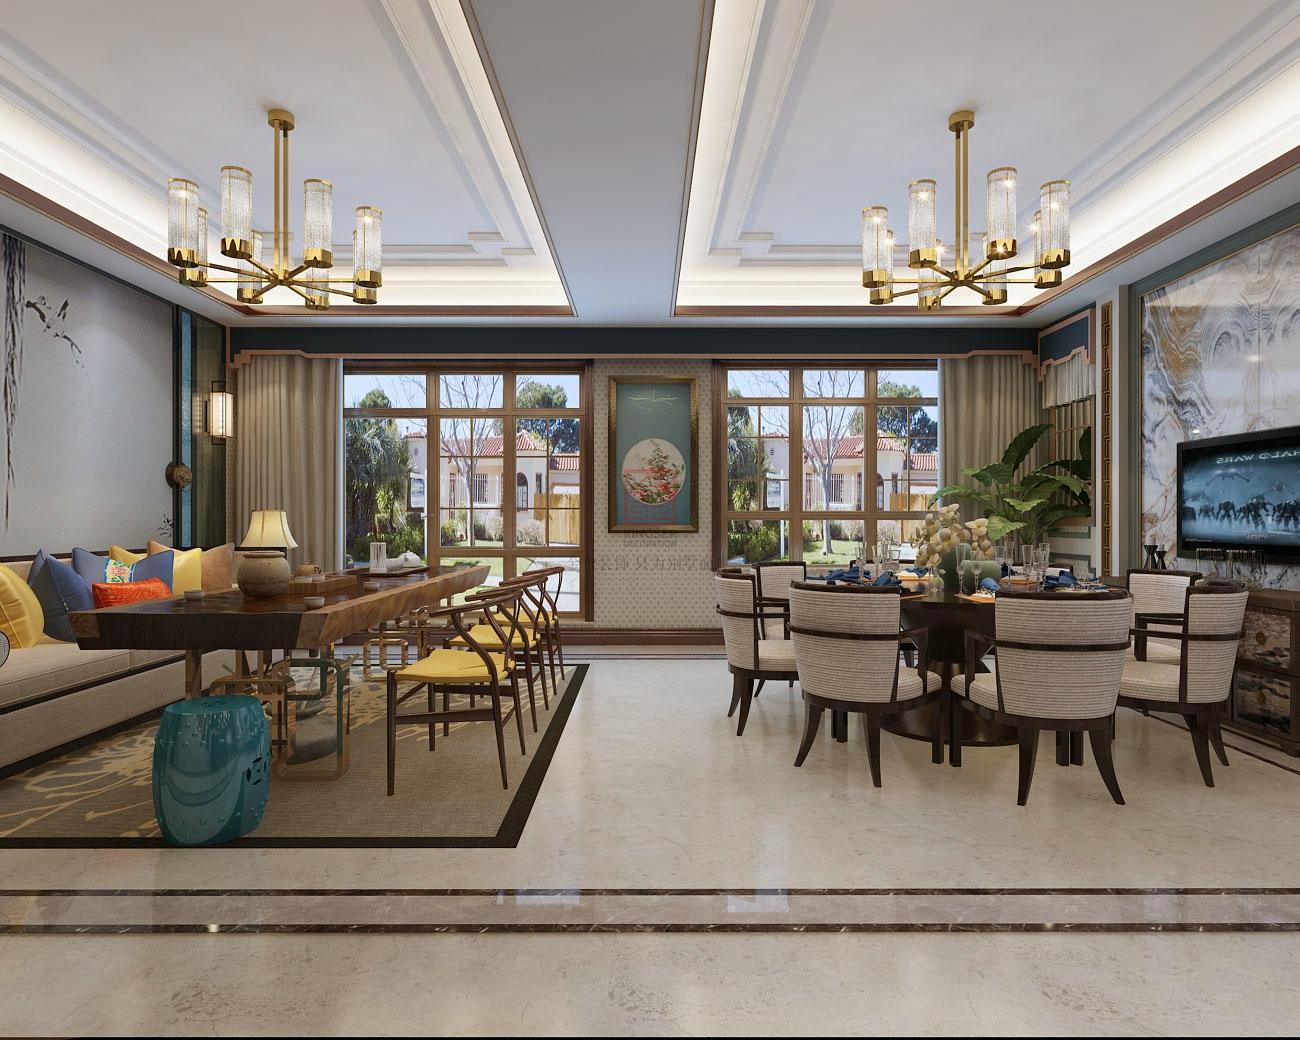 原河名墅客餐厅装修效果图|空间|室内设计|别墅大宅